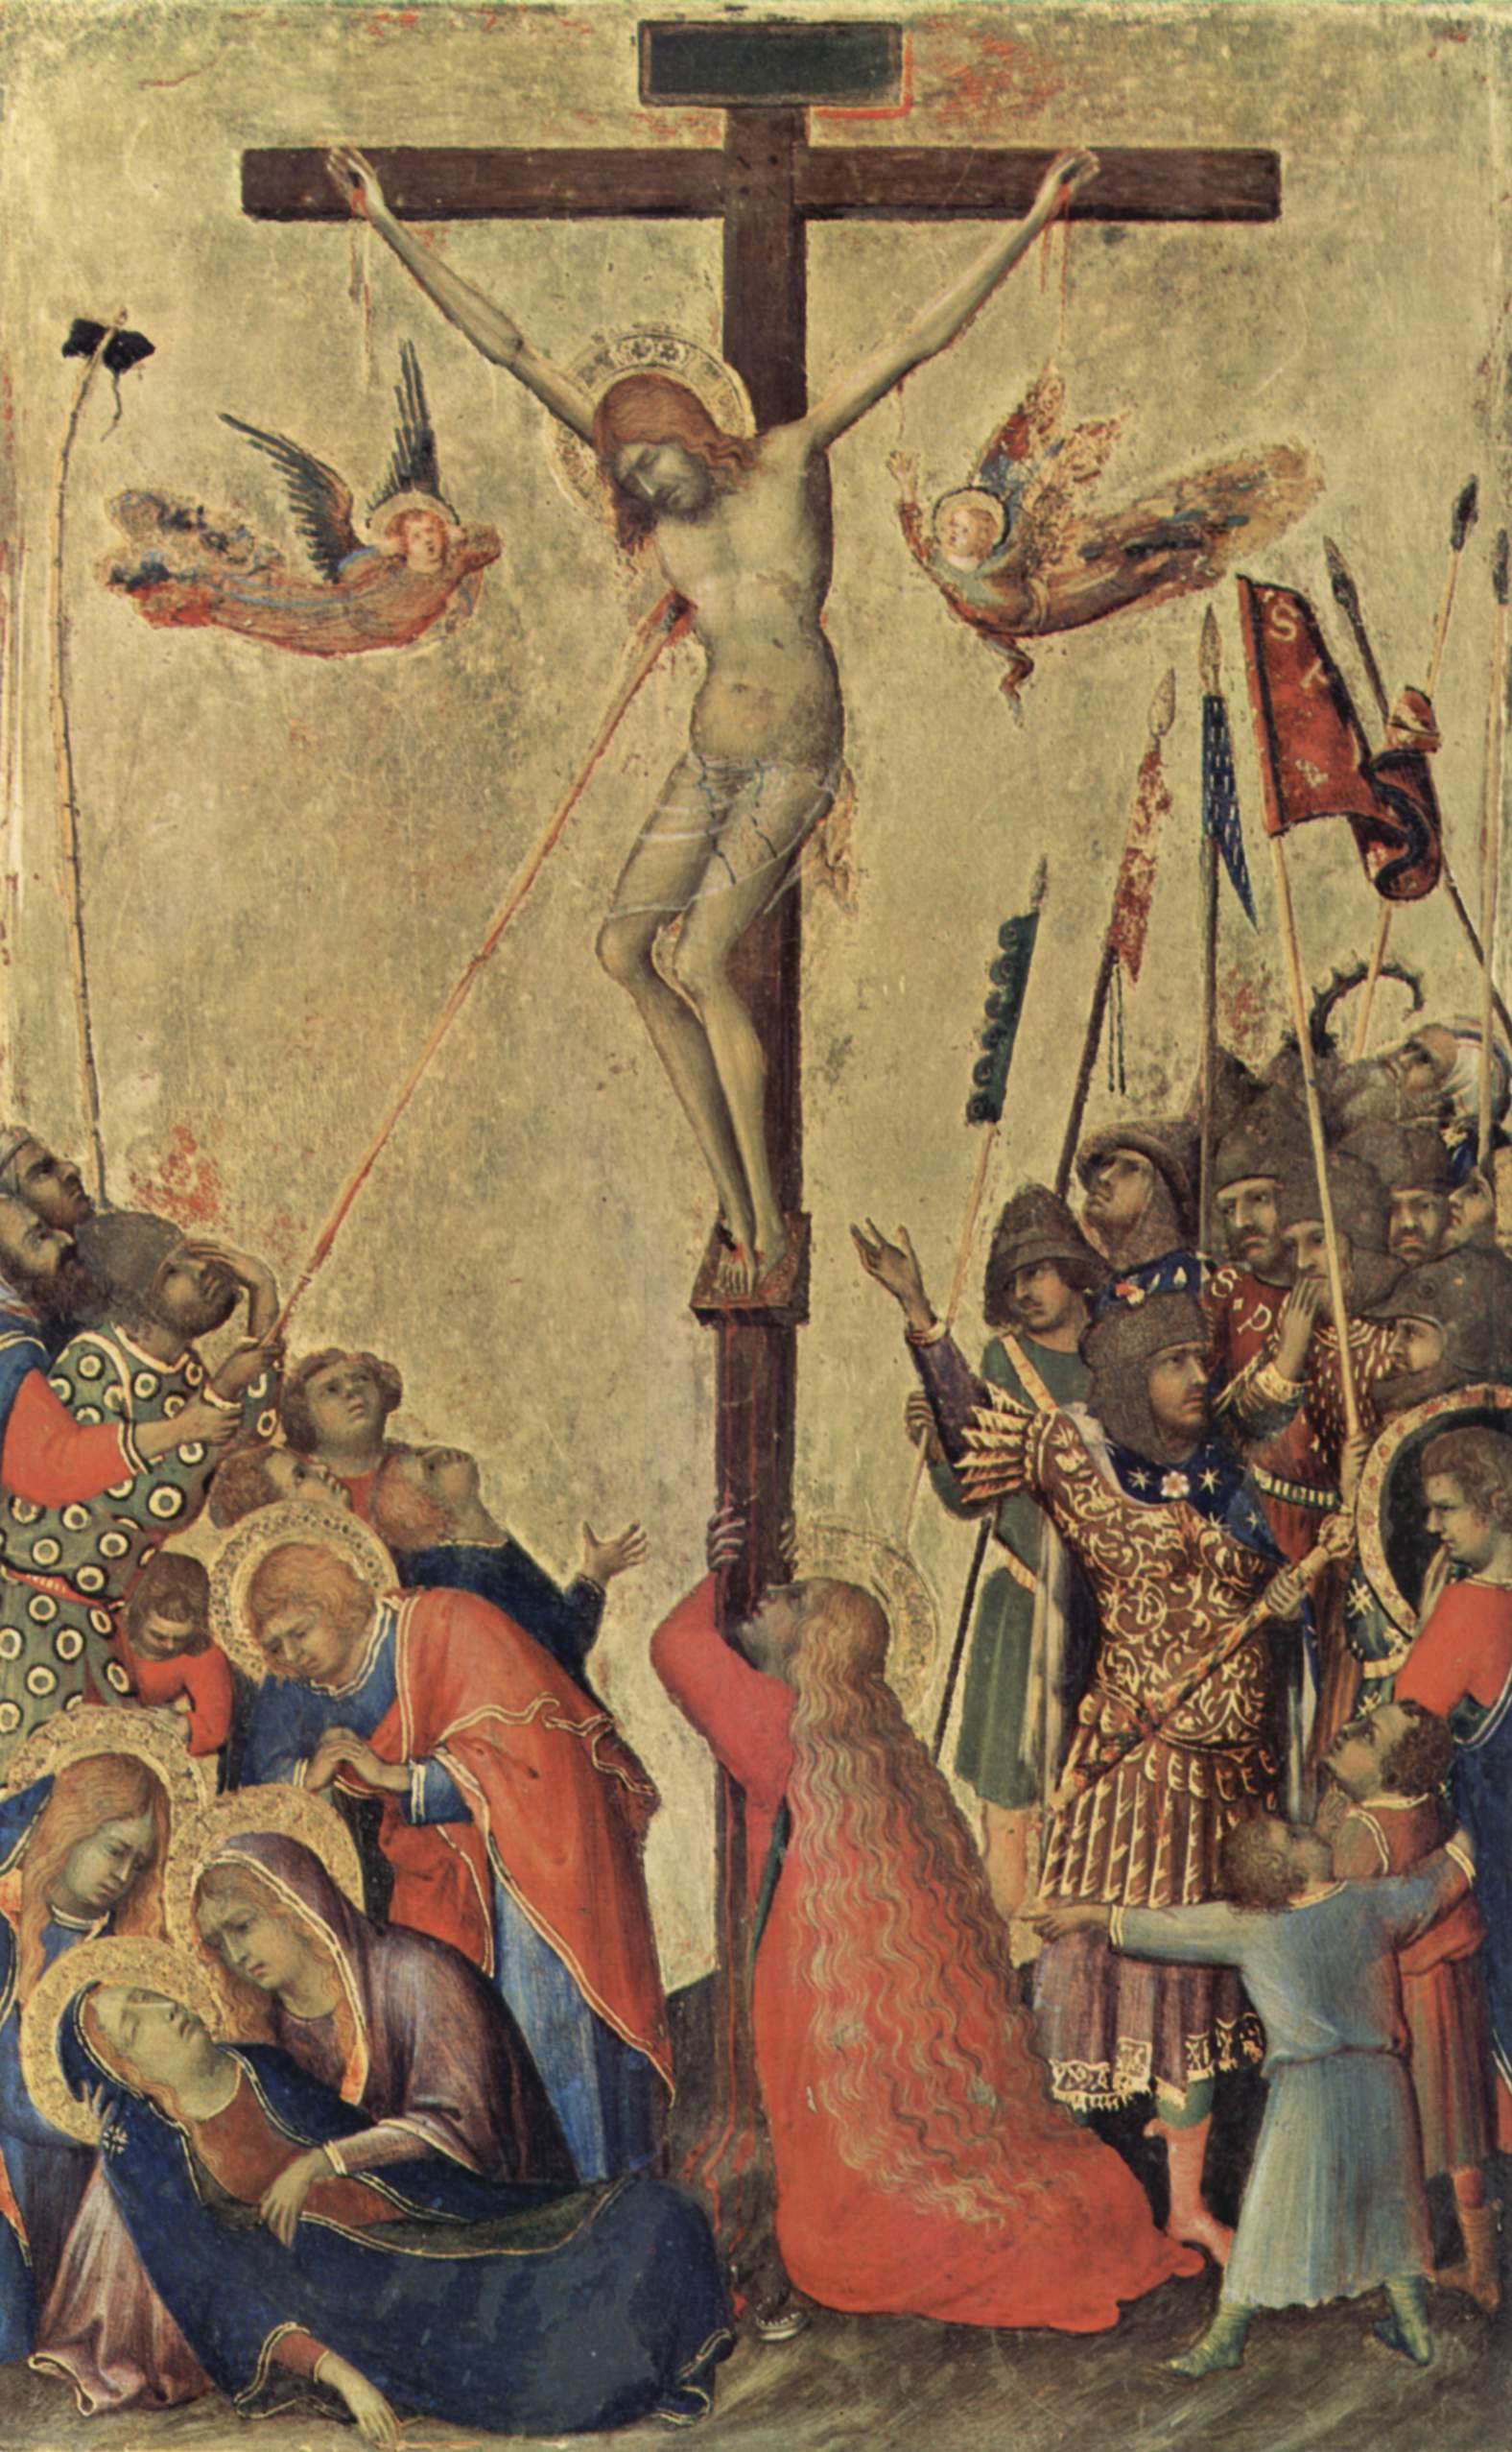 1333, Crucifixion de Simone Martini en el Museo Real de Bellas Artes de Amberes